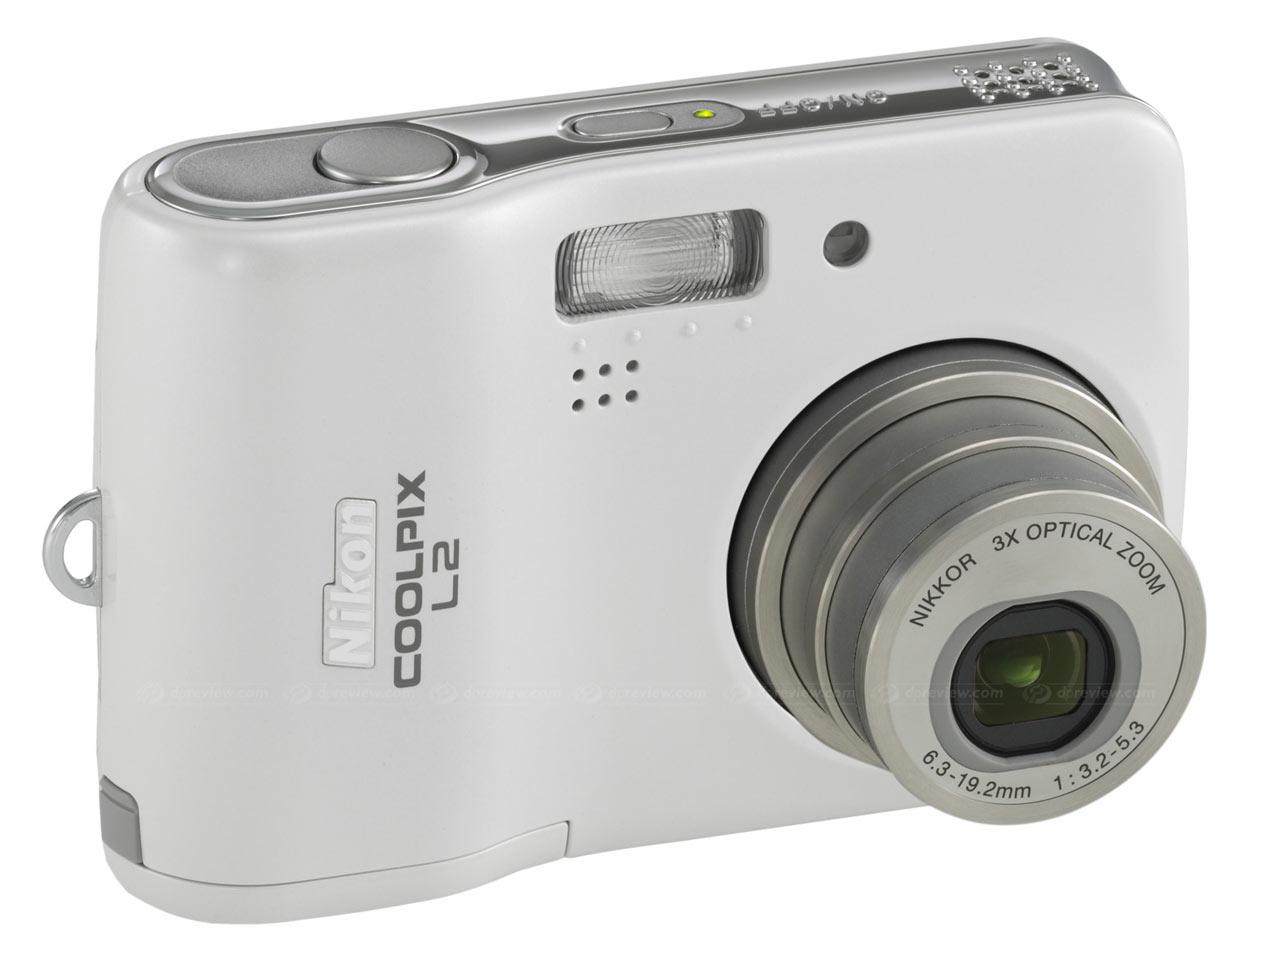 nikon coolpix l2 l3 and l4 digital photography review rh dpreview com Nikon Coolpix P90 Manual Nikon Coolpix L110 Manual Printable